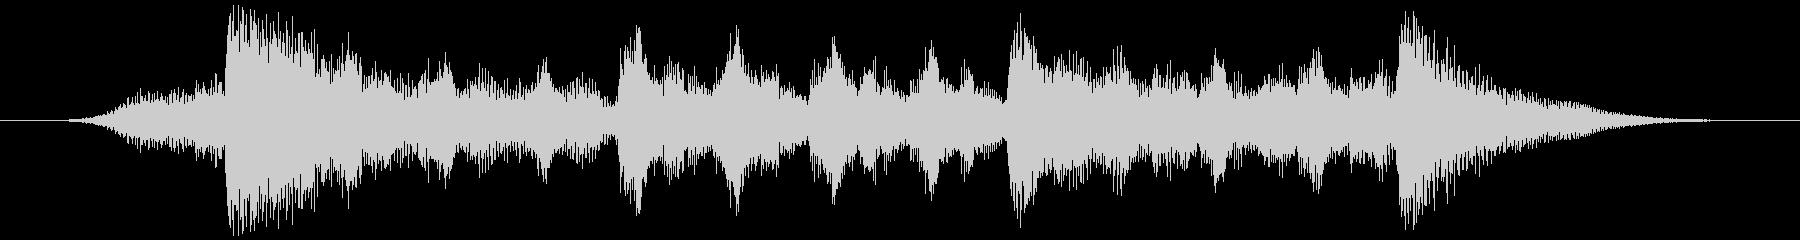 ハローウィン用のホラー曲-バンパーの未再生の波形